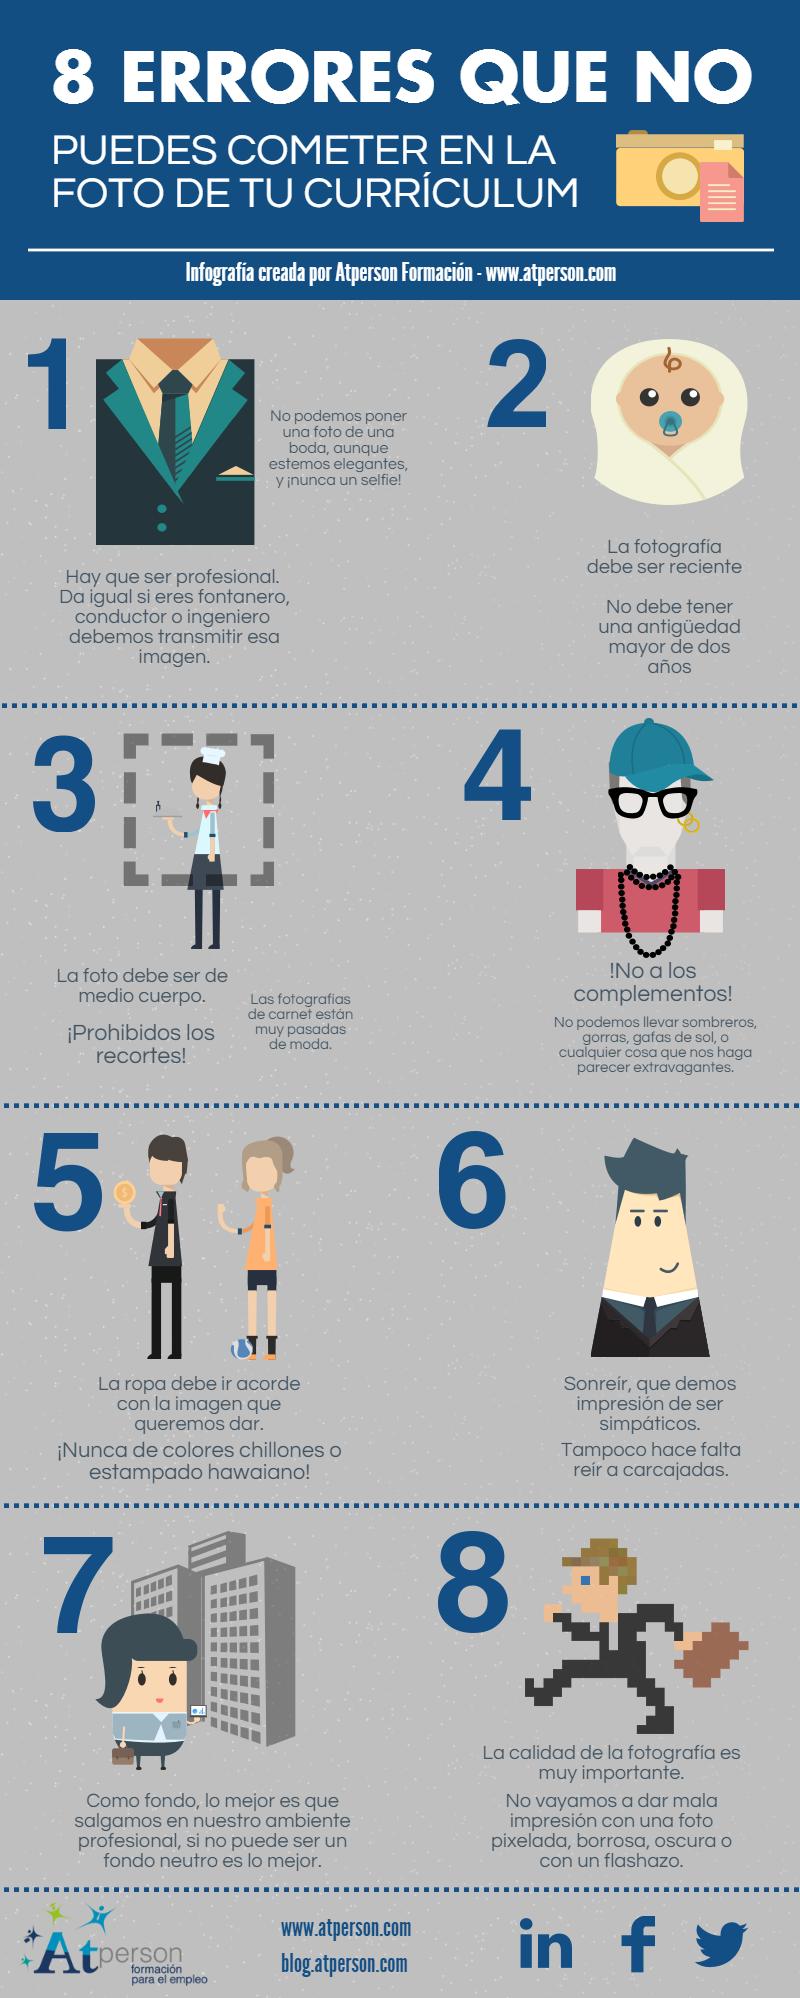 8 errores que no puedes cometer en la foto del cv